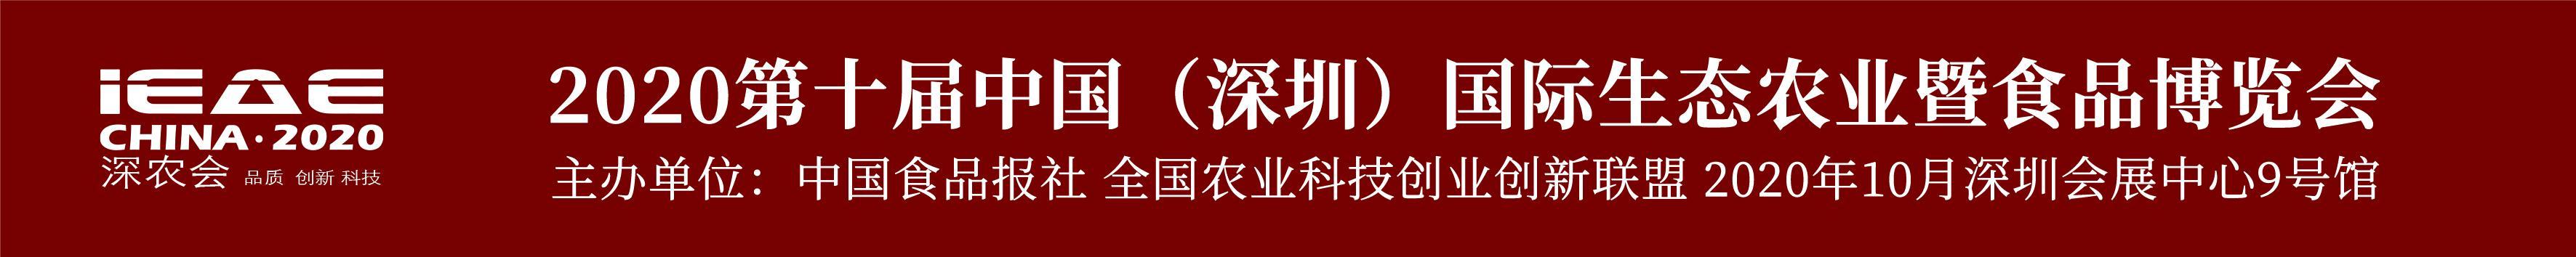 2020 中国(深圳)国际生态农业暨乐虎体育app博览会